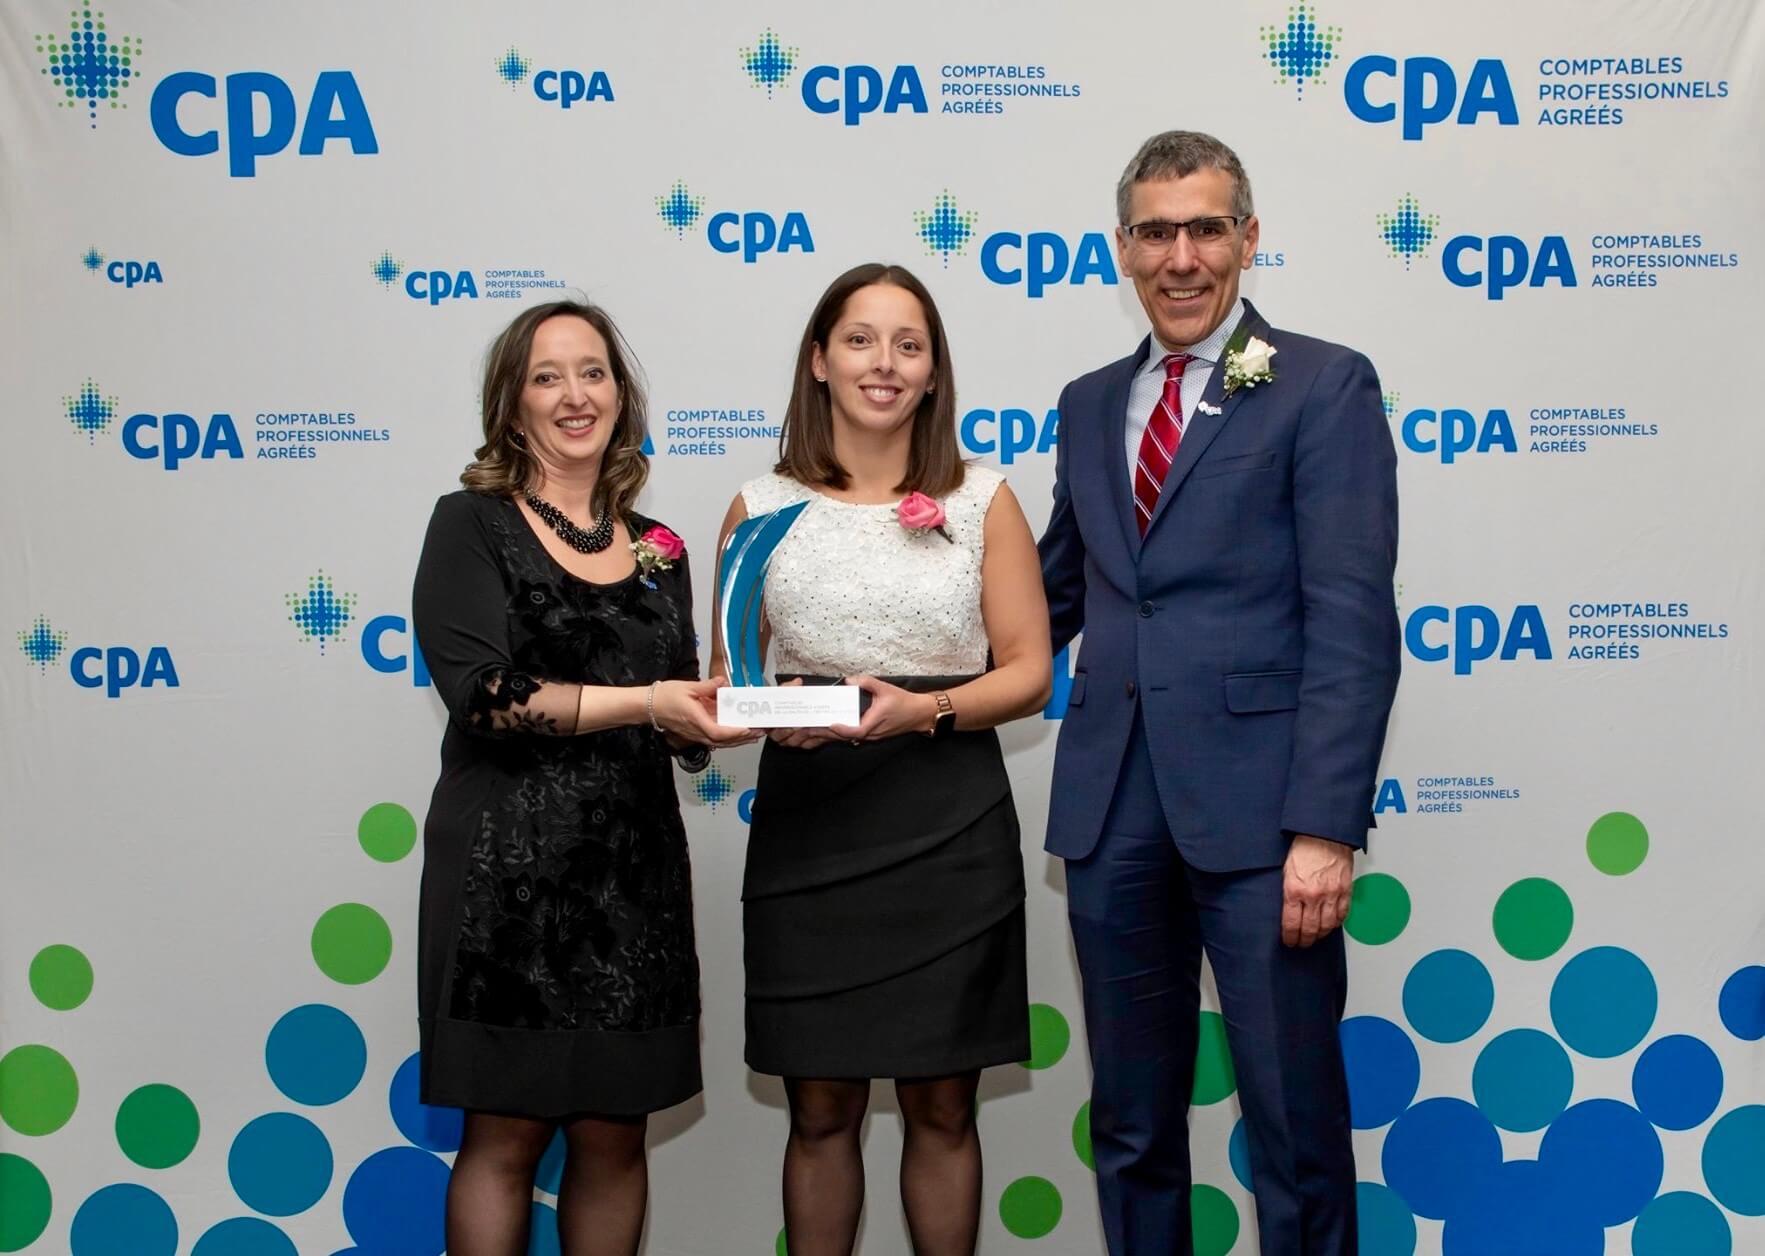 La professeure Audrey Bistodeau lauréate du prix CPA Émergence 2020